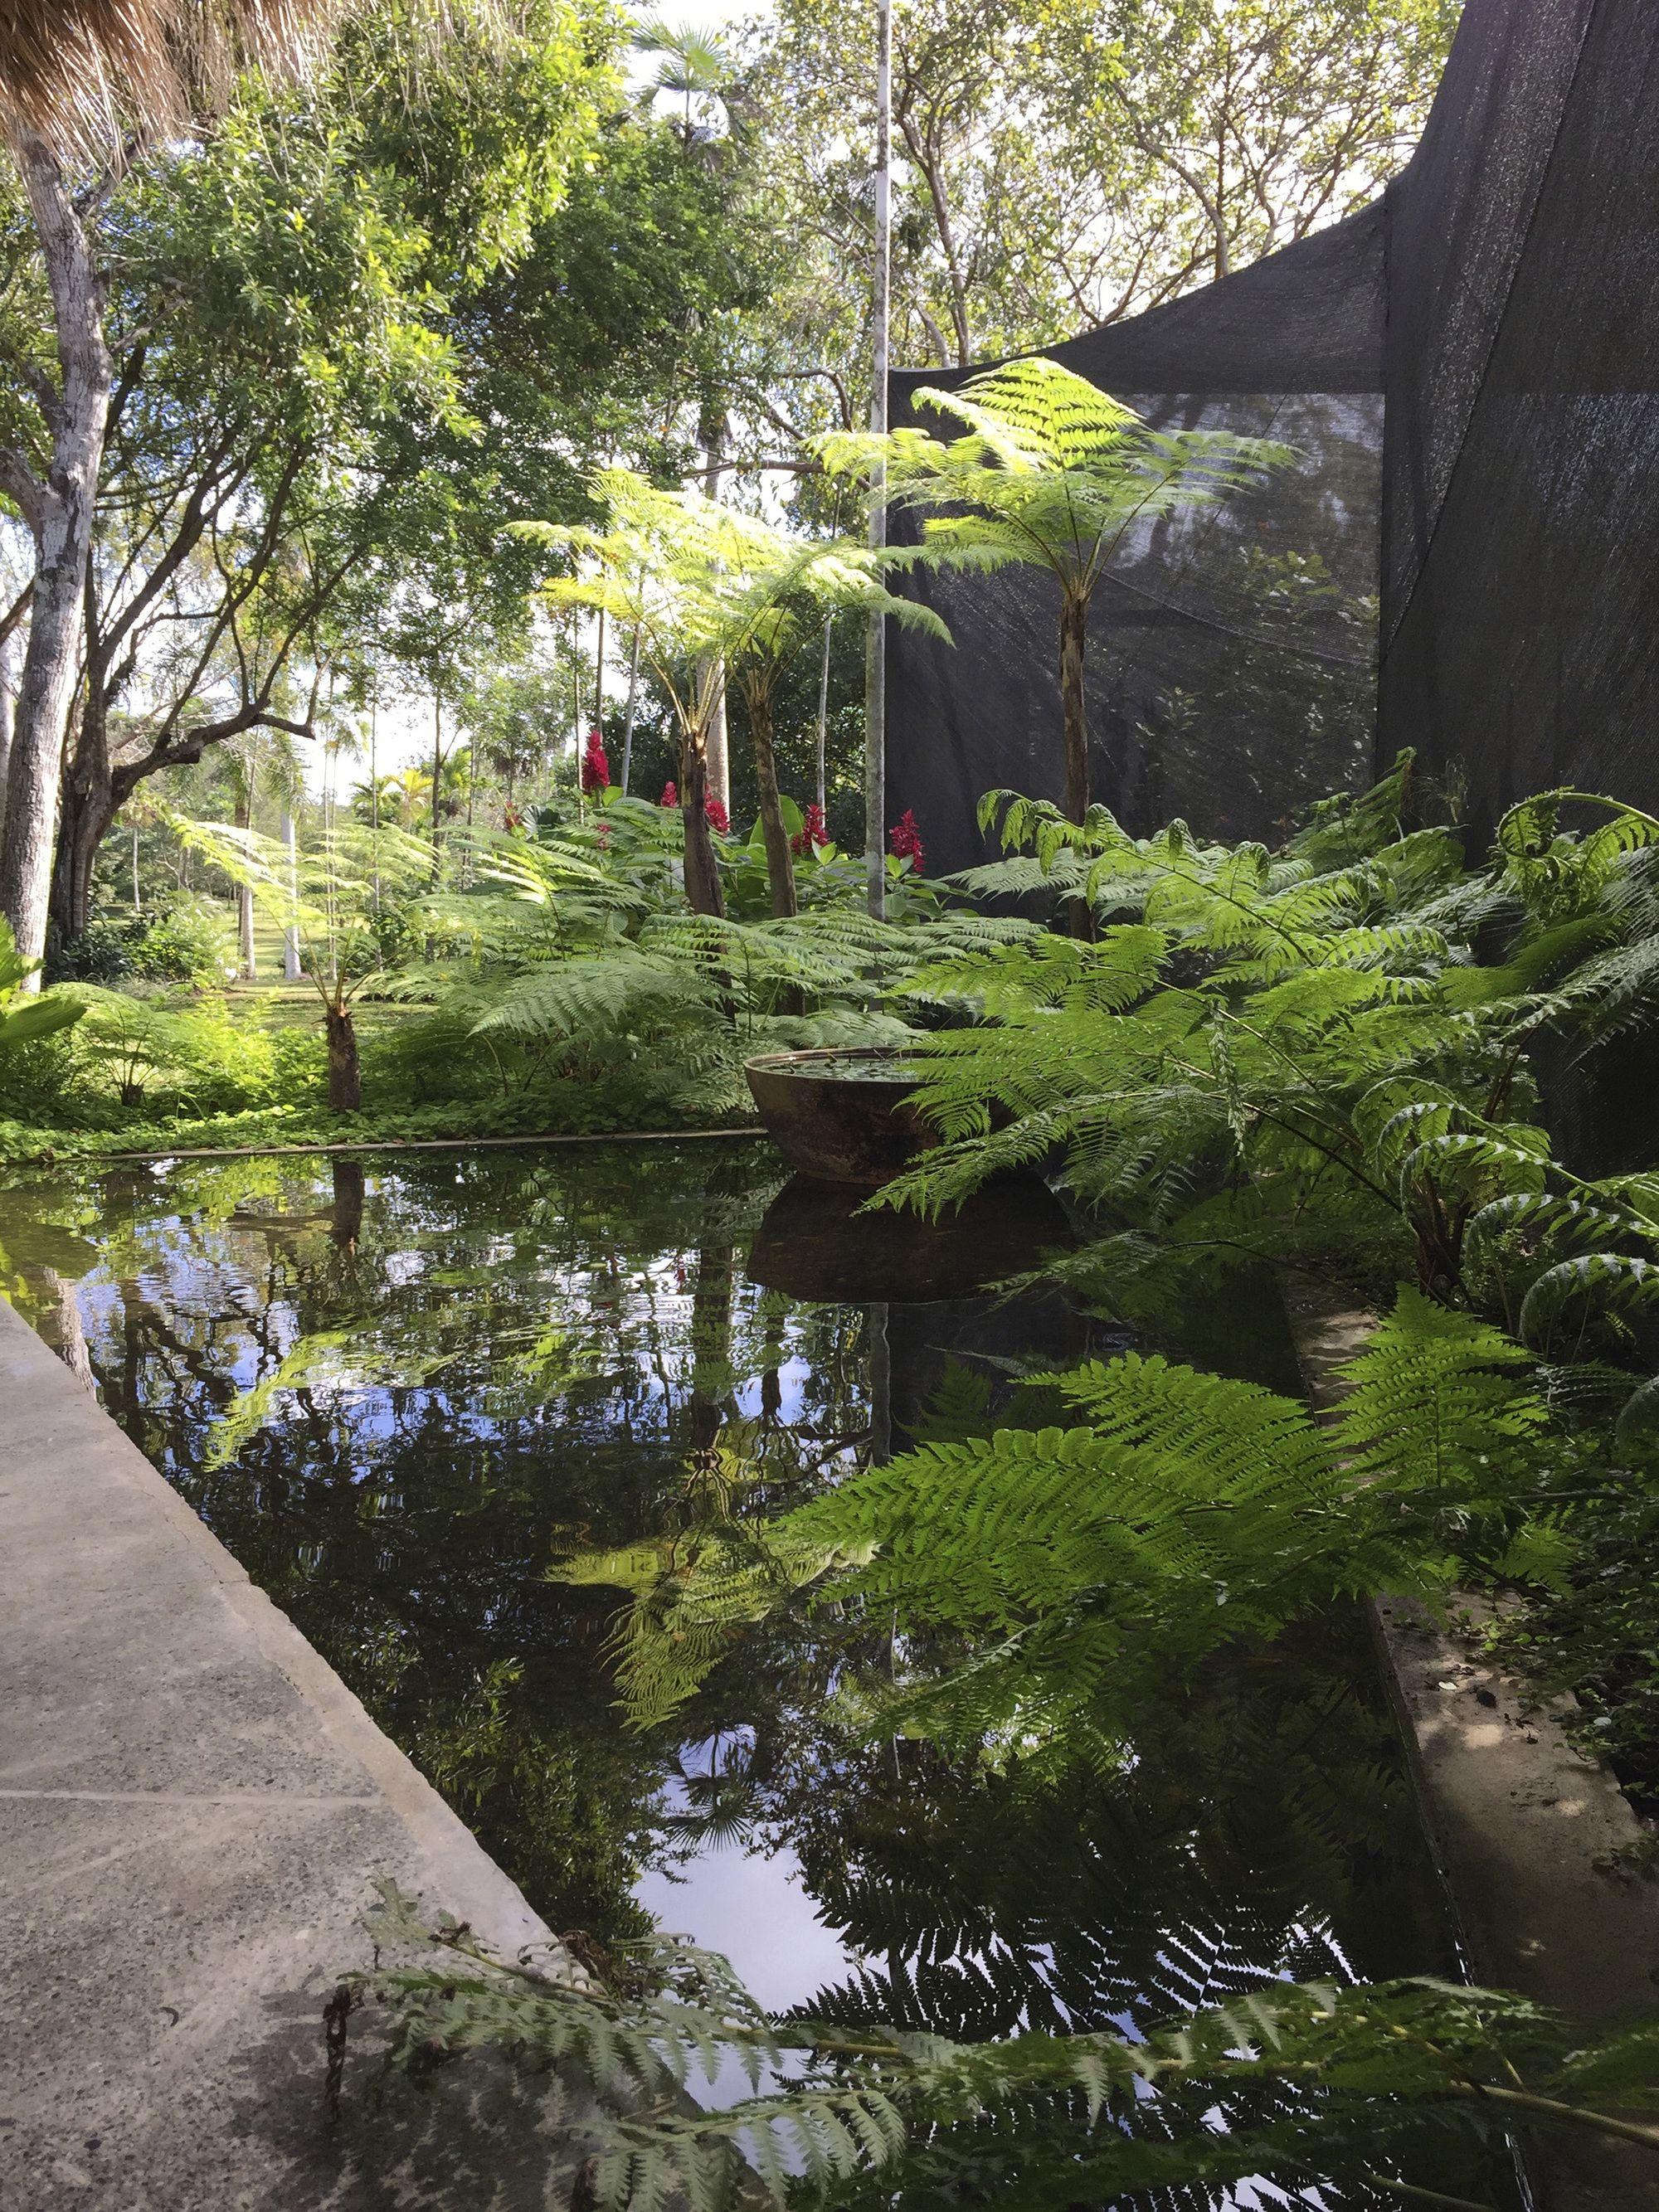 Garden water features  Galería de Jardín de las Mariposas  Emilio Olivo  Rosa Julian